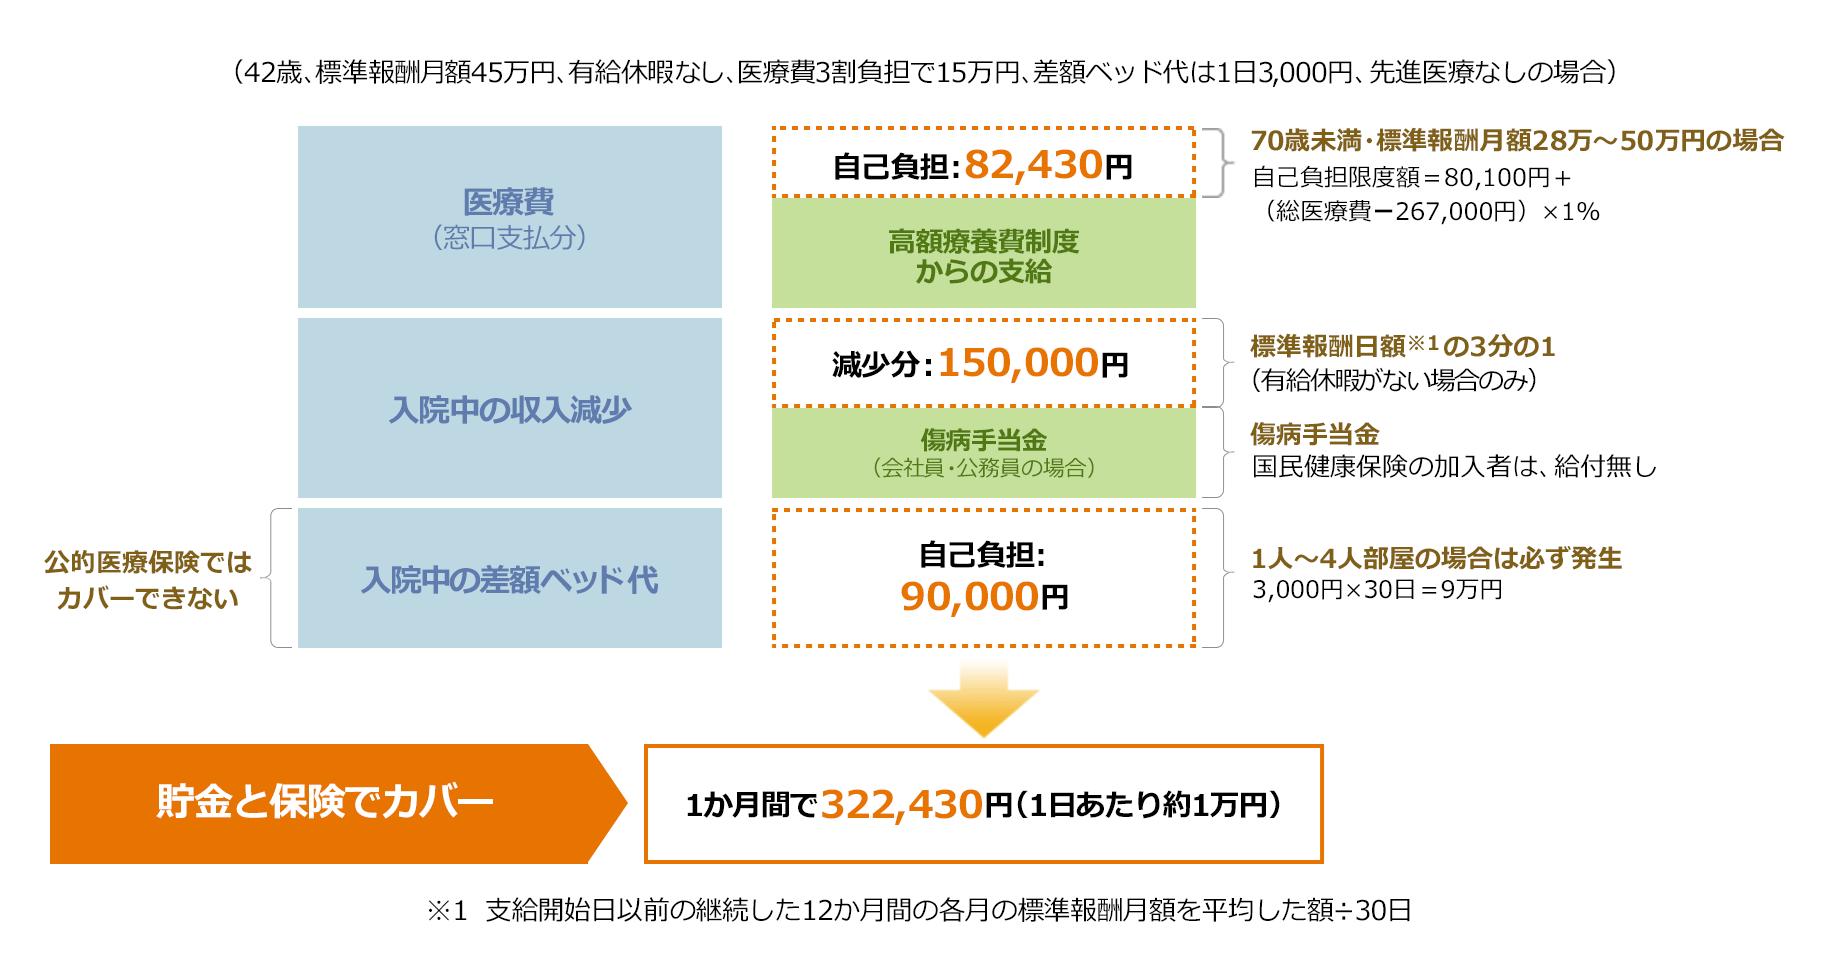 入院時の負担額が1ヶ月で32万2千430円(1日あたり1万円)となる事例